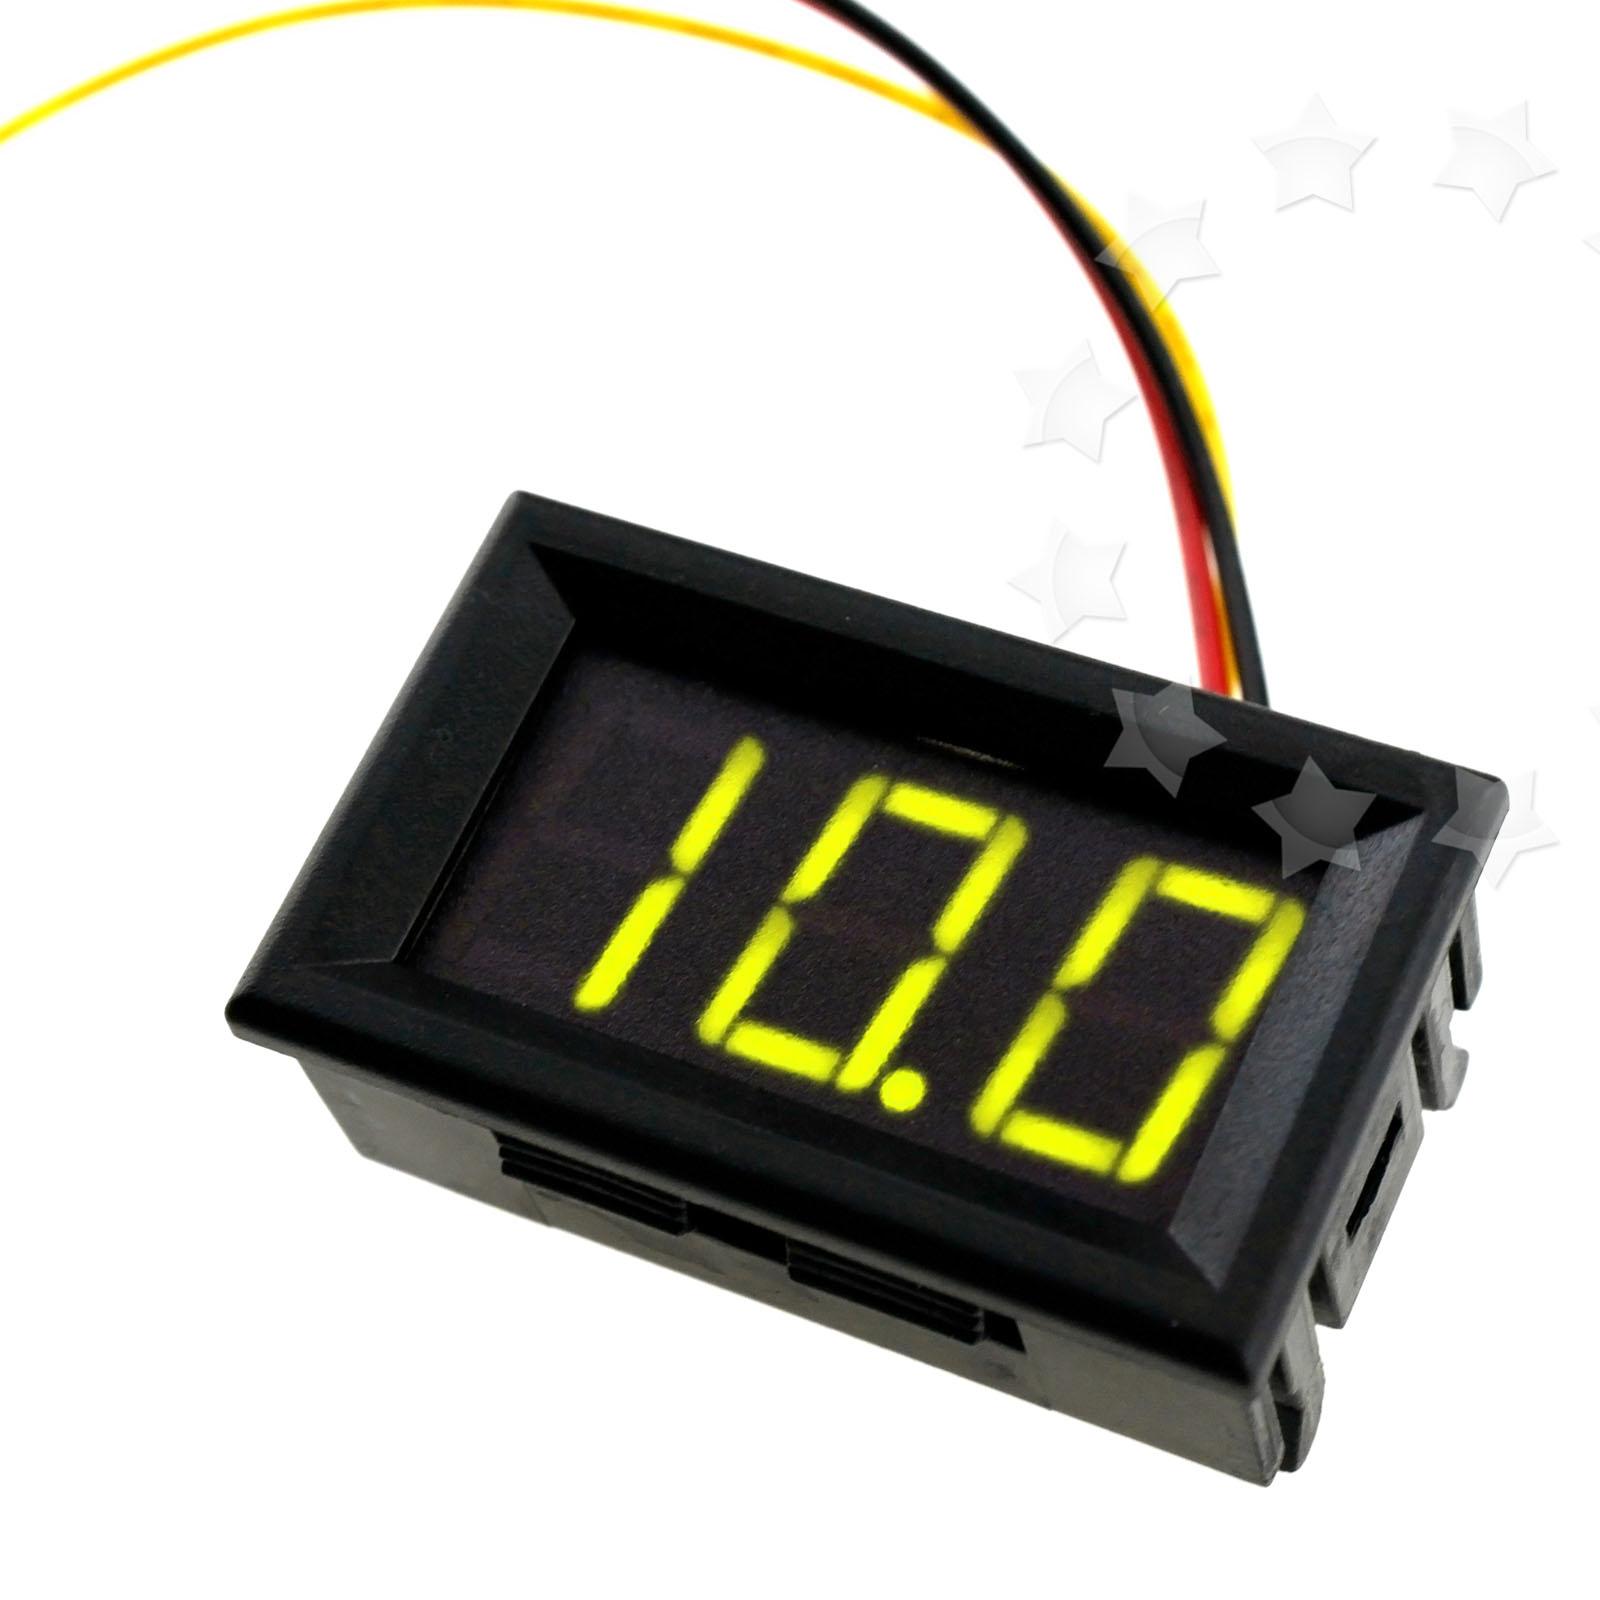 Red Green Digital Led Display Voltage Measurement